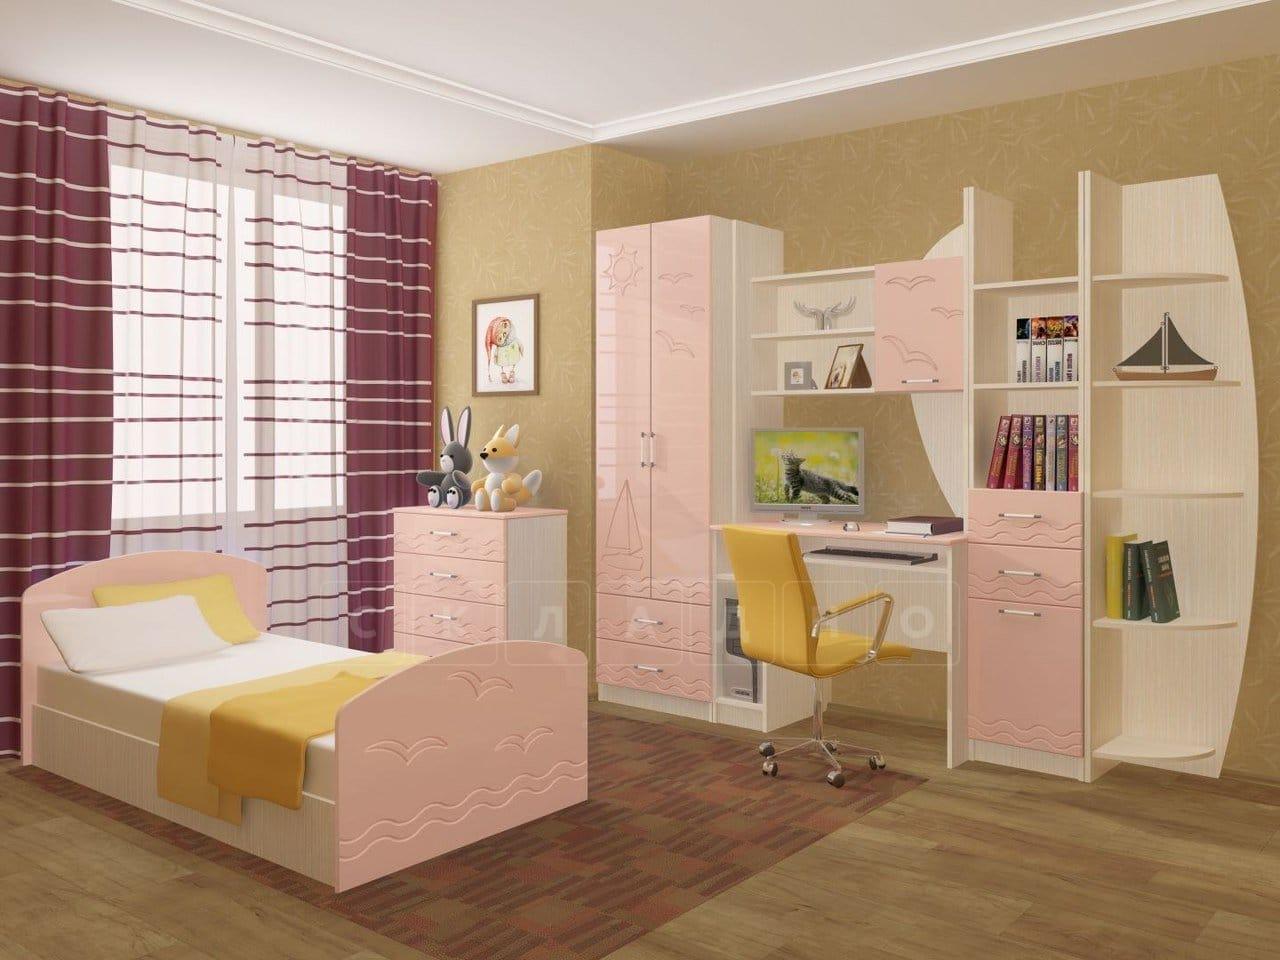 Набор детской мебели Юниор-2 МДФ фото 5 | интернет-магазин Складно